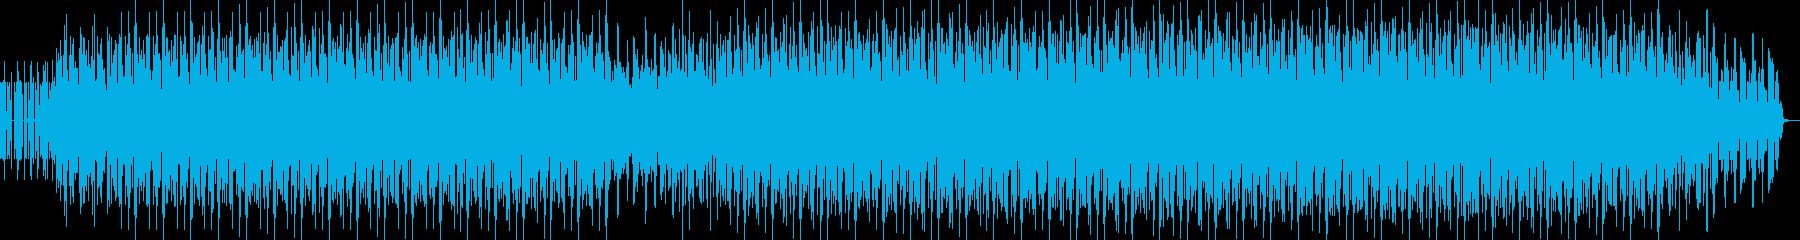 のんびりと楽しげなミニマルテクノの再生済みの波形